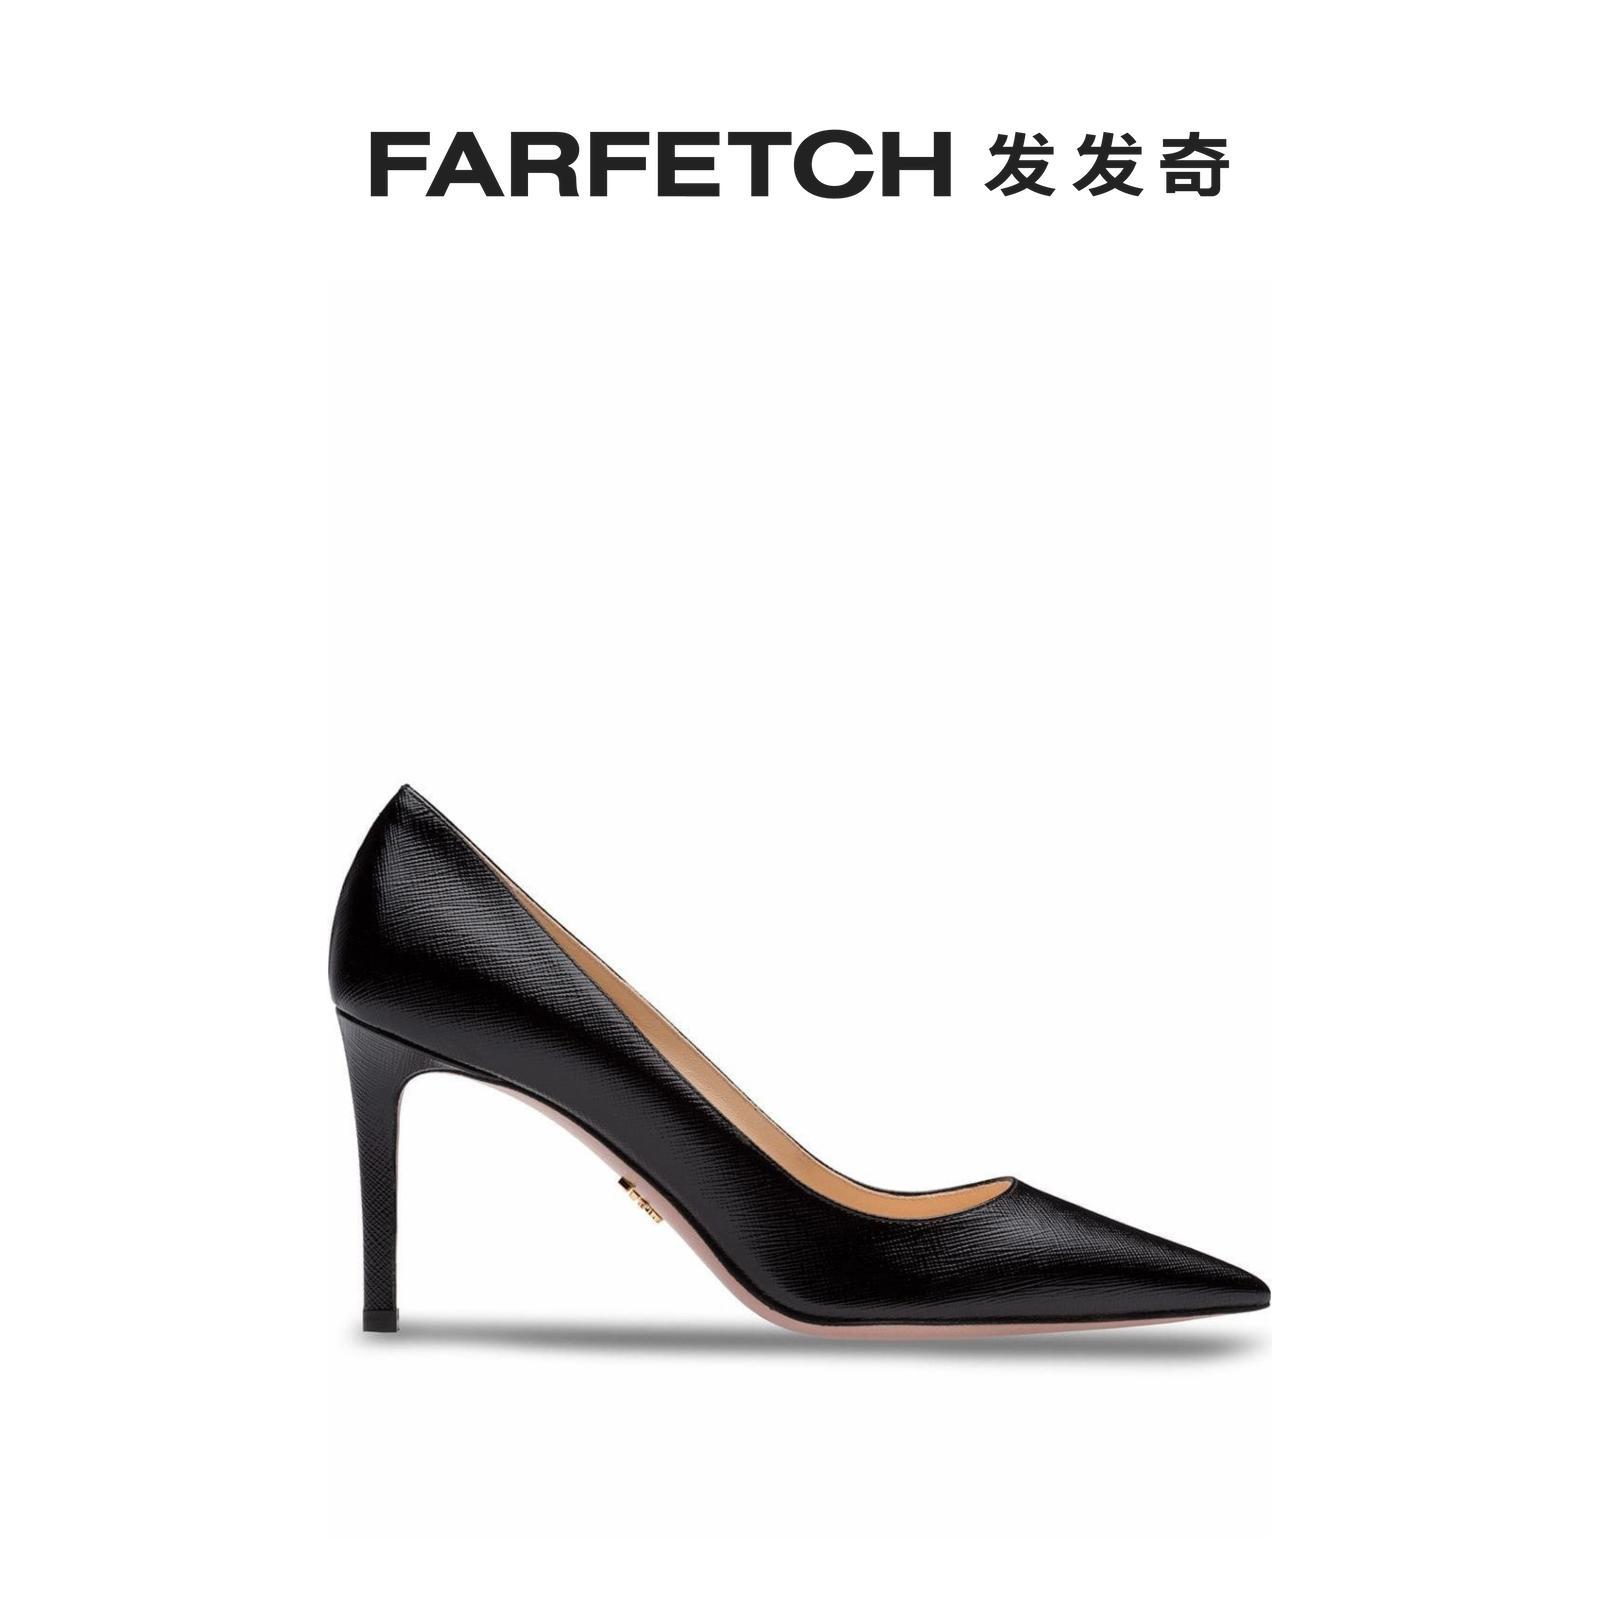 prada尖头鞋 [新品]Prada普拉达女士经典尖头高跟鞋FARFETCH发发奇_推荐淘宝好看的女prada尖头鞋